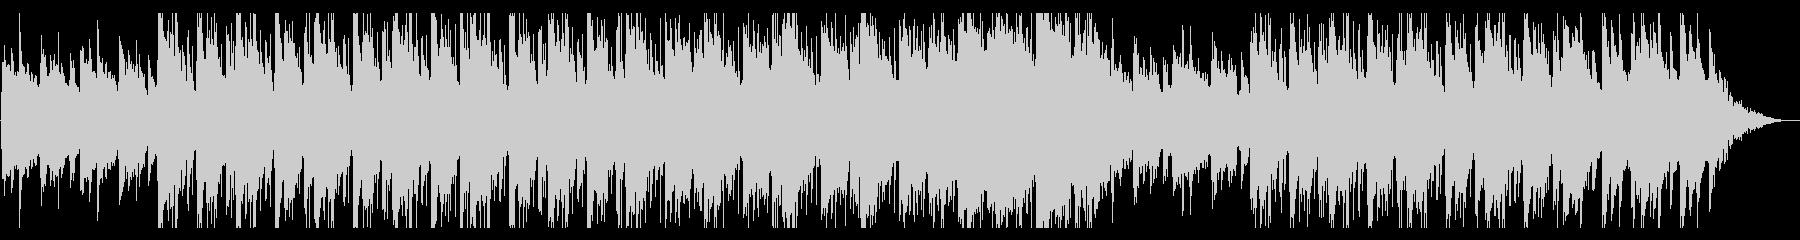 浮遊感のあるやさしい響きのポストロックの未再生の波形